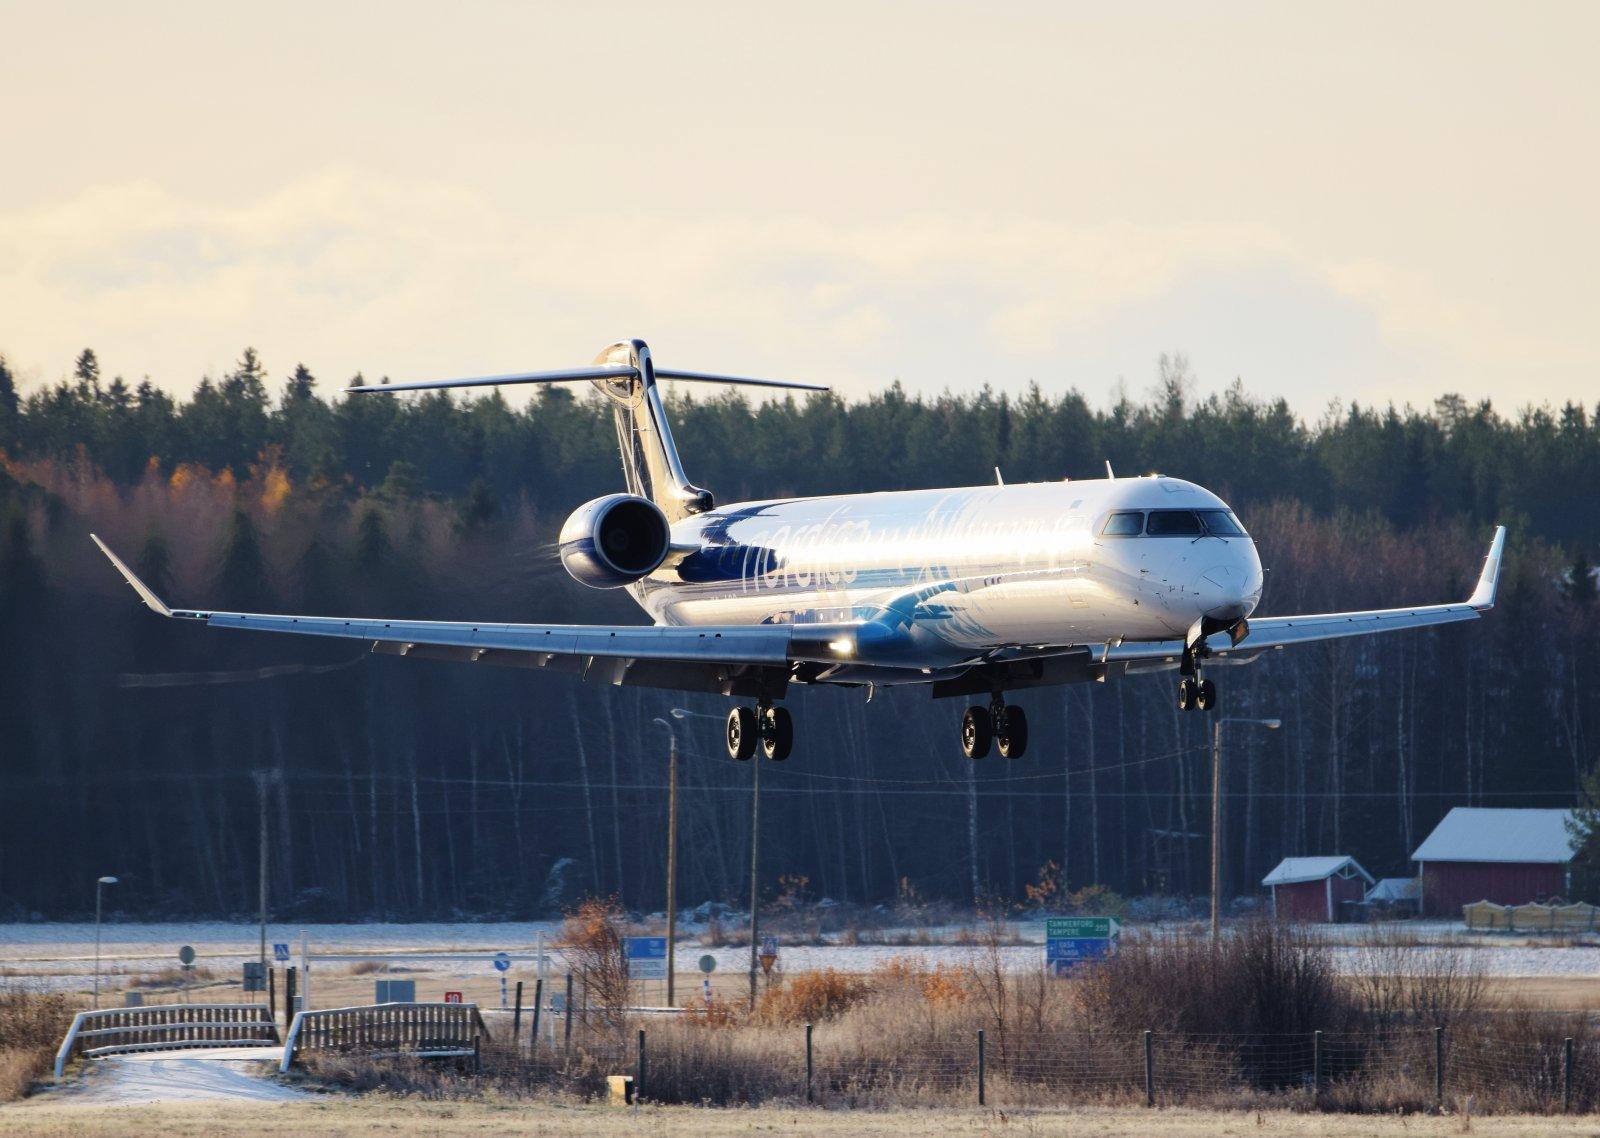 ES-ACG - Bombardier CRJ-900LR - Nordica - 30.10.2019